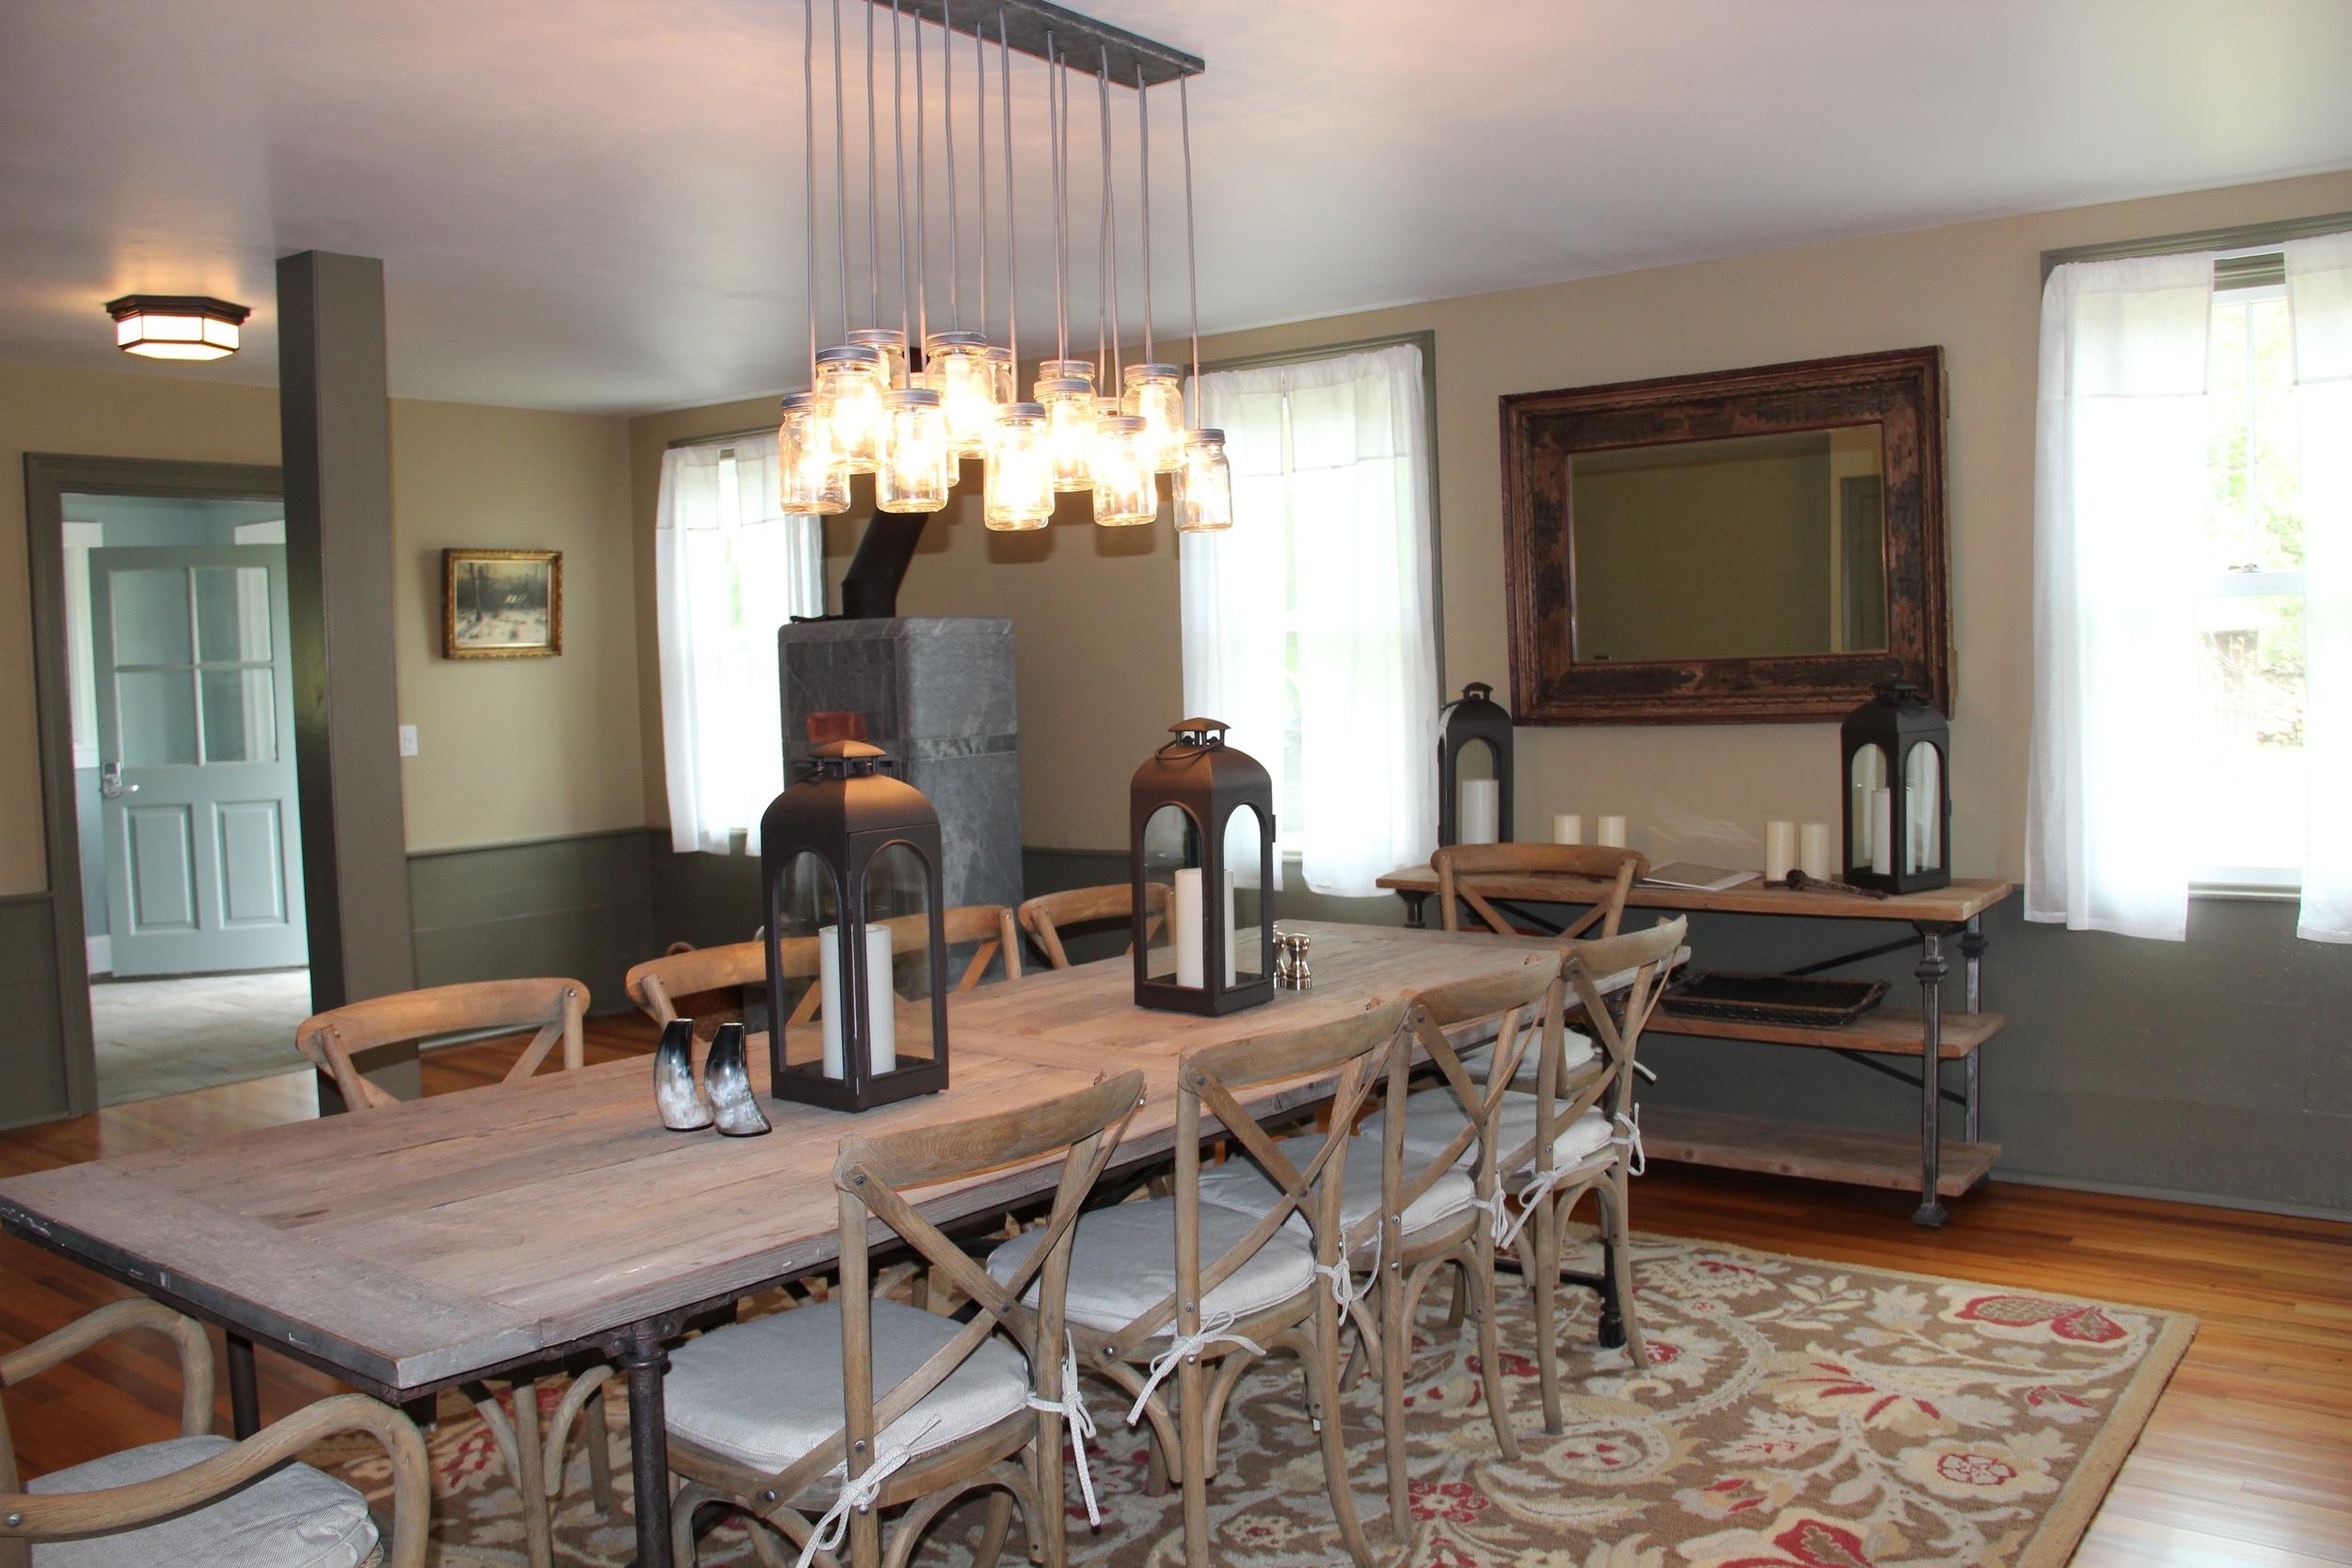 Dining Room w Curtains Photos #36.jpg